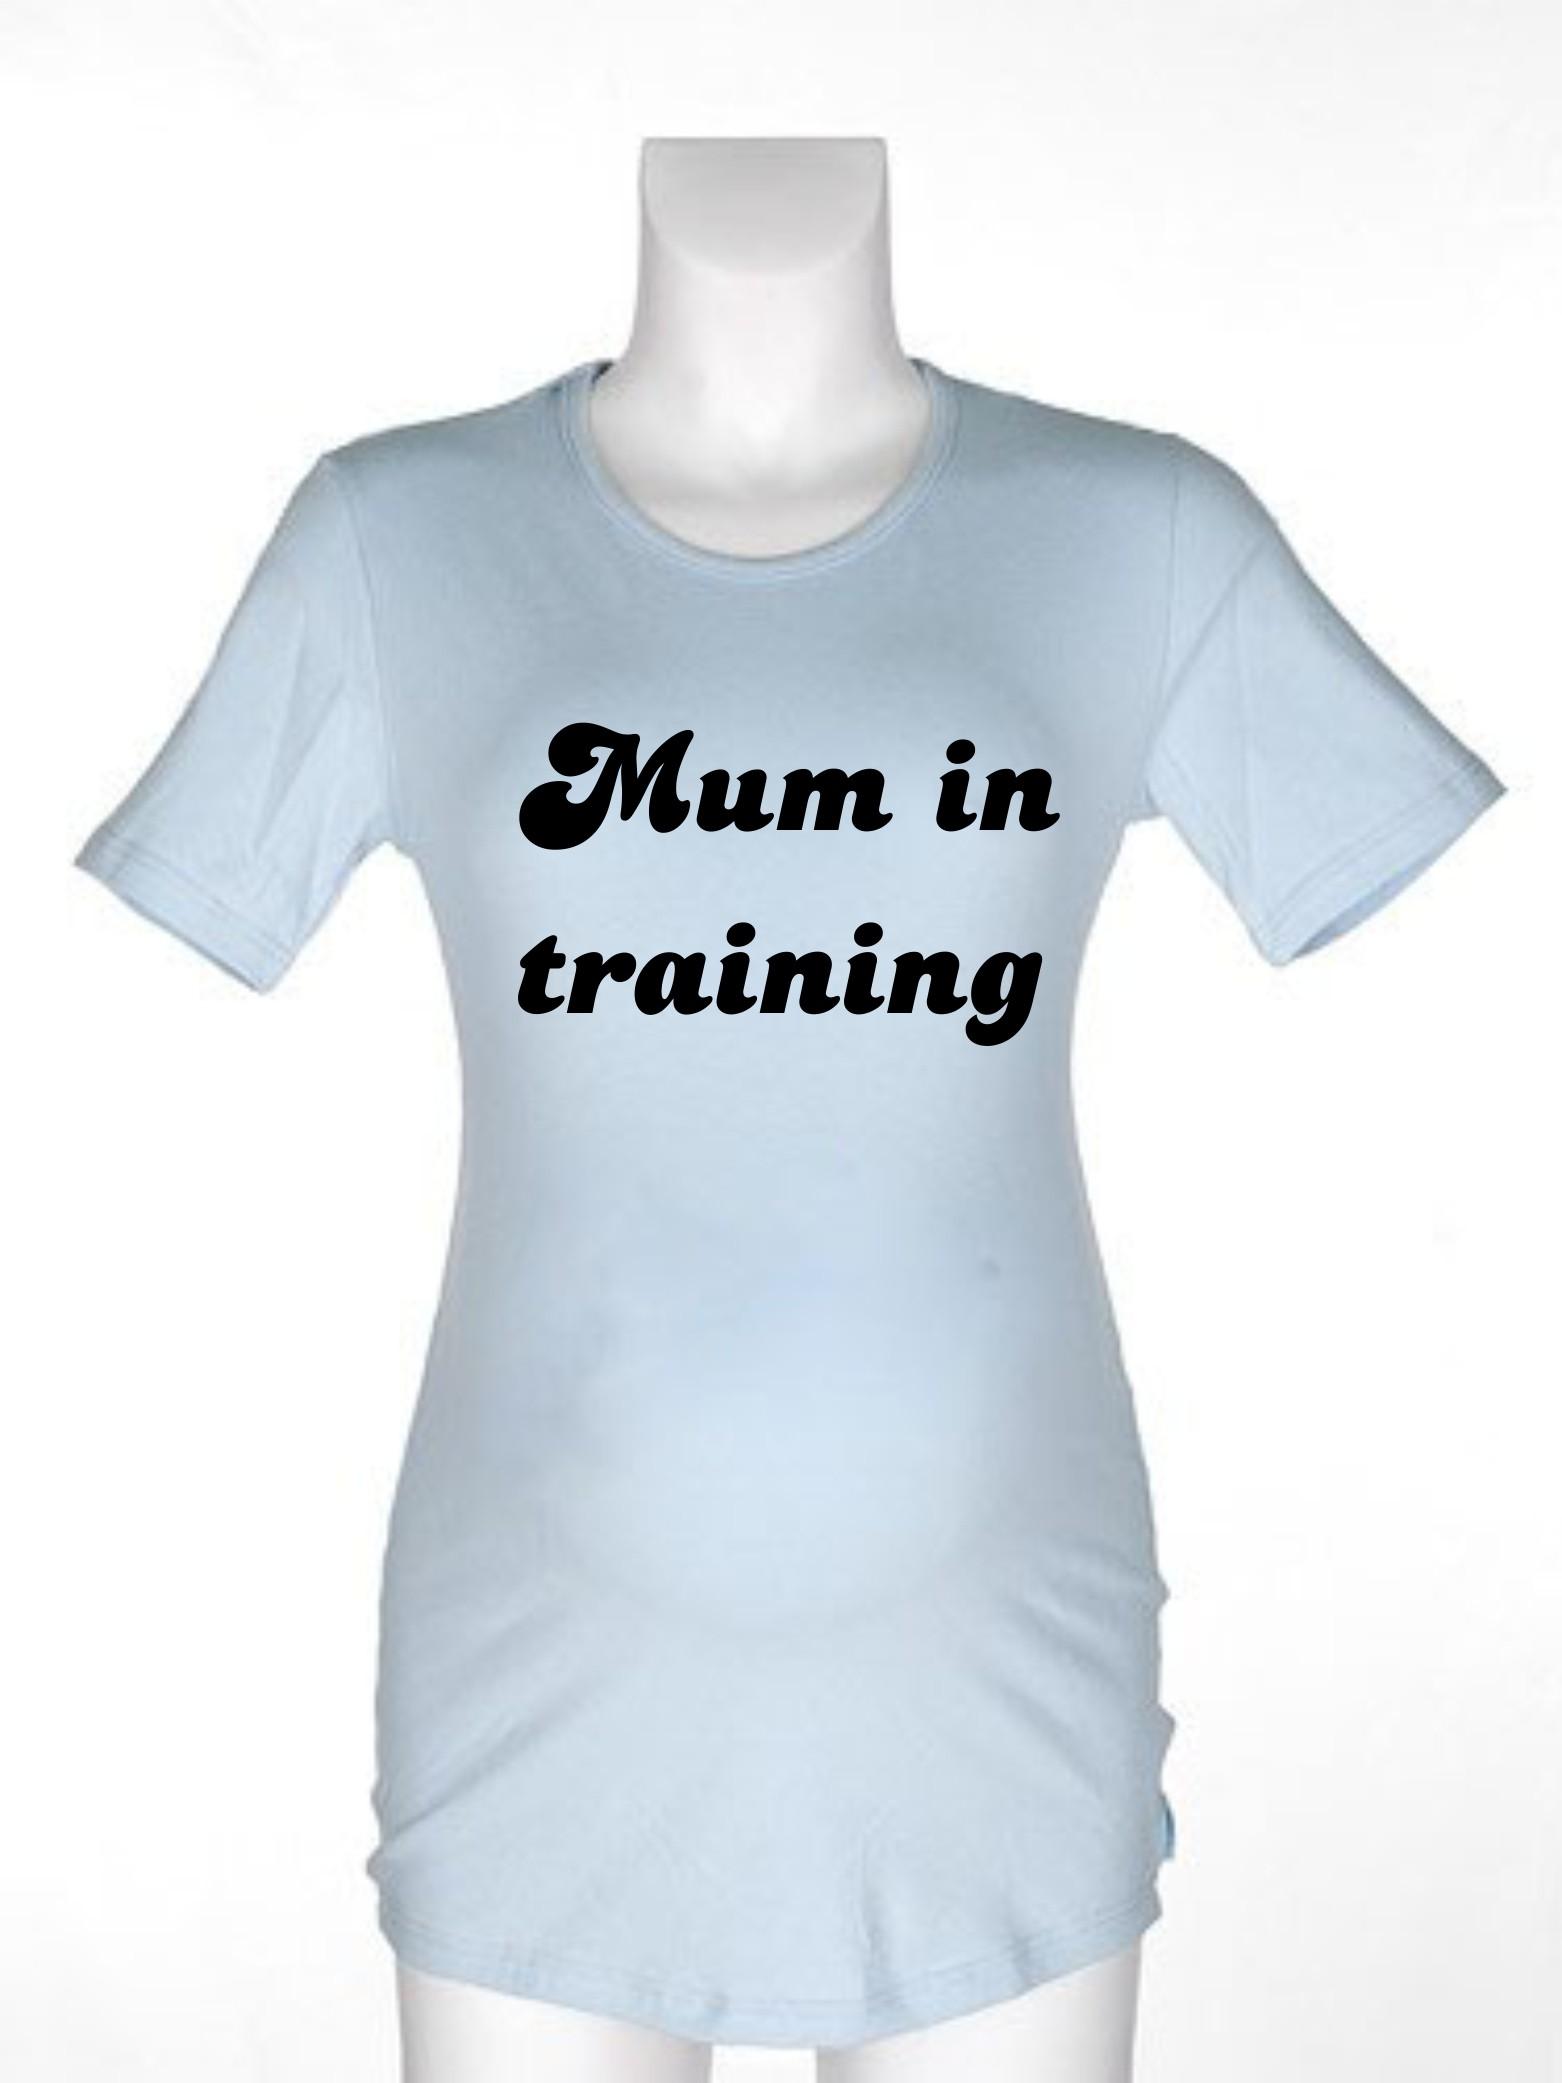 Majica za nosečnice z napisom - Mum in training